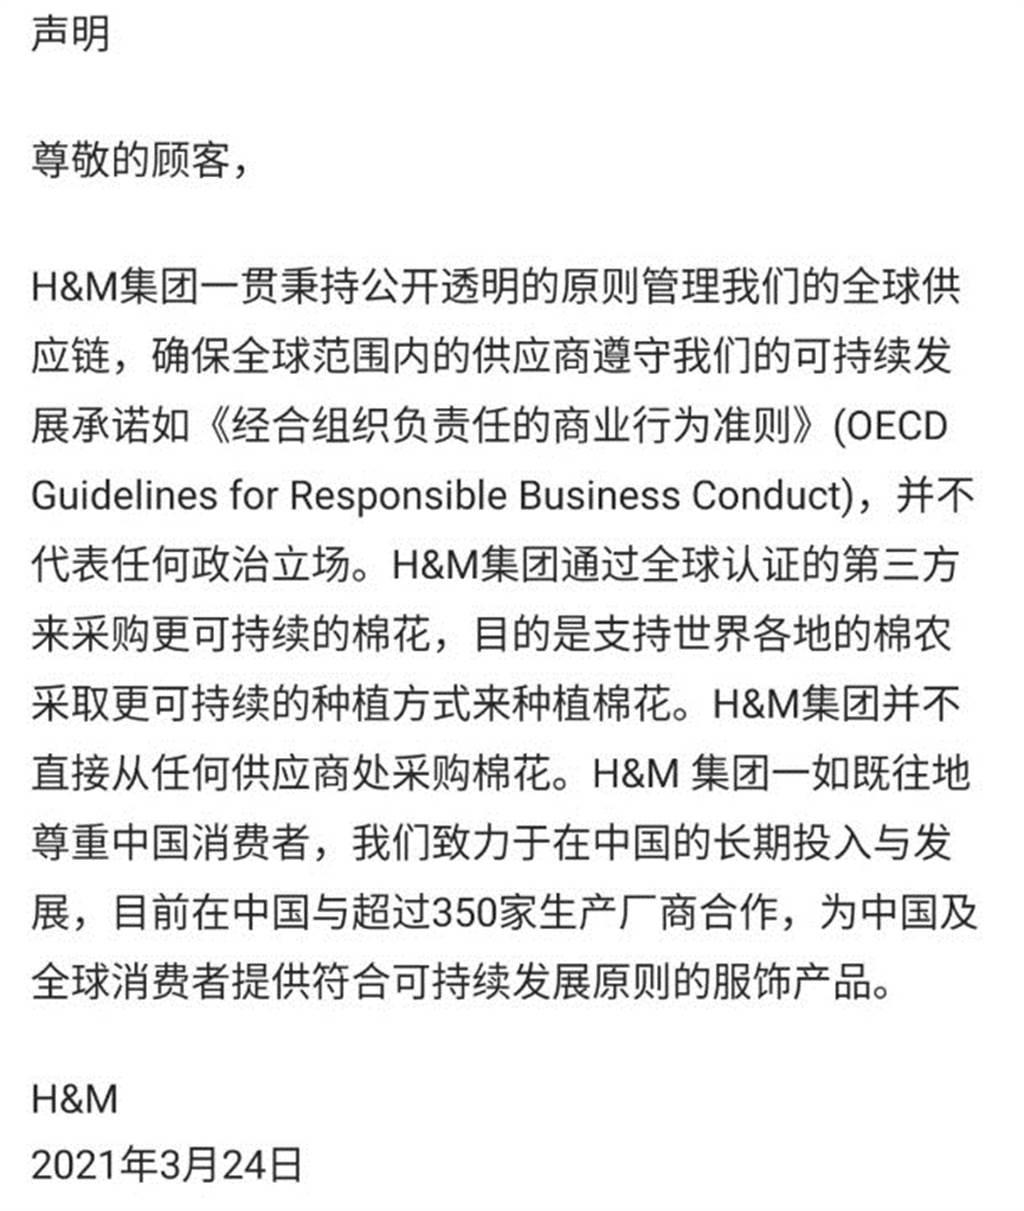 H&M在遭到共青團點名抵制後,在網上發表了語氣冰冷的聲明,激起大陸民眾擴大抵制的決心。(圖/網路)